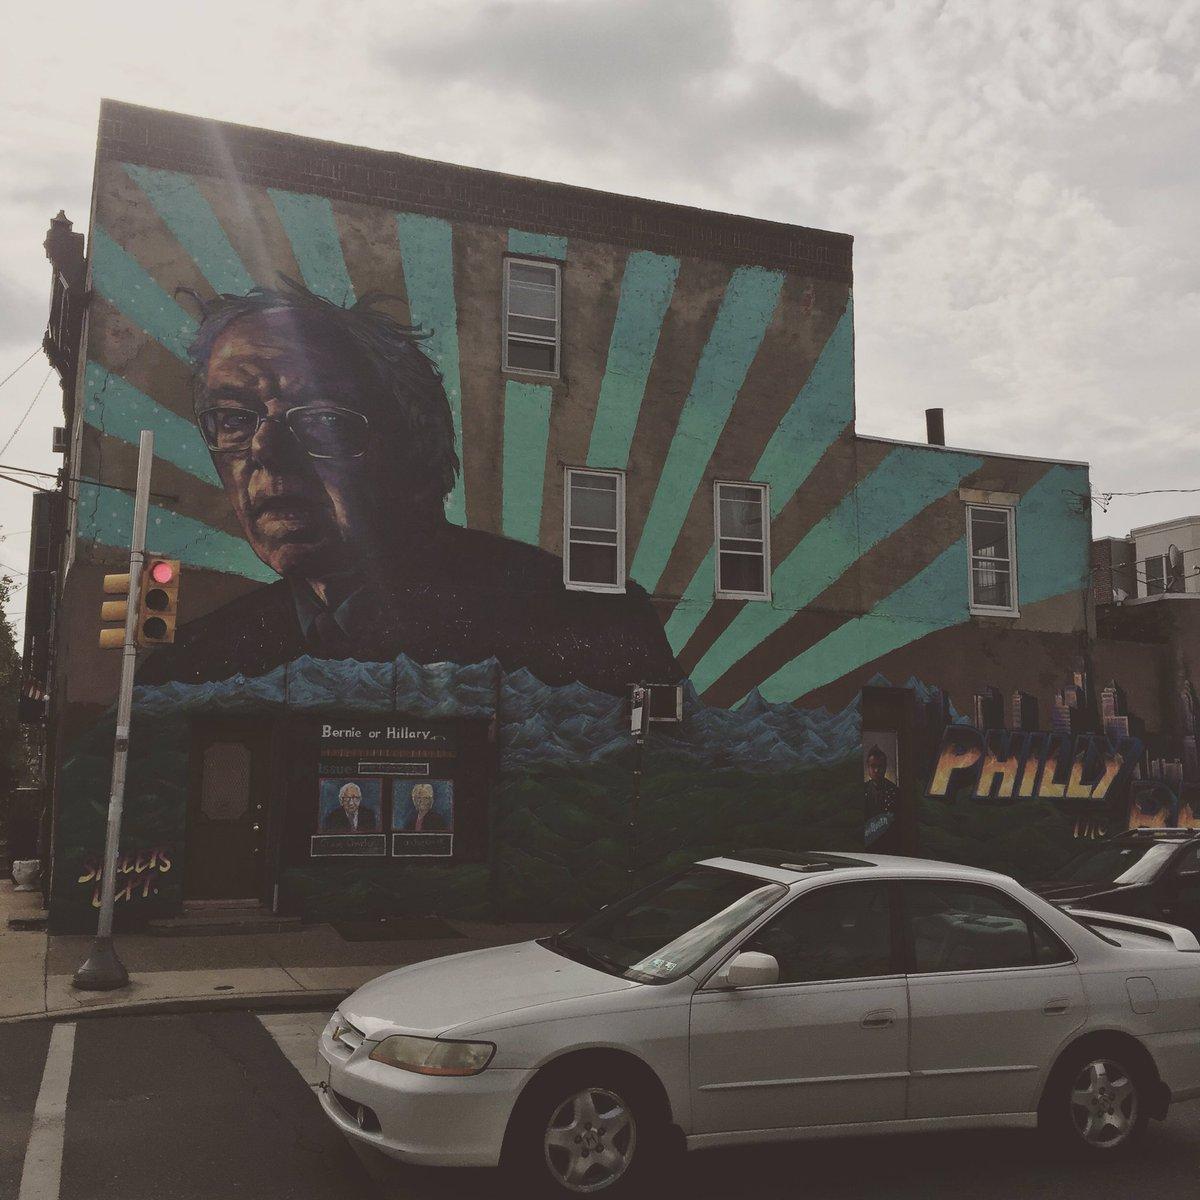 Philly art https://t.co/i96gLd63M7